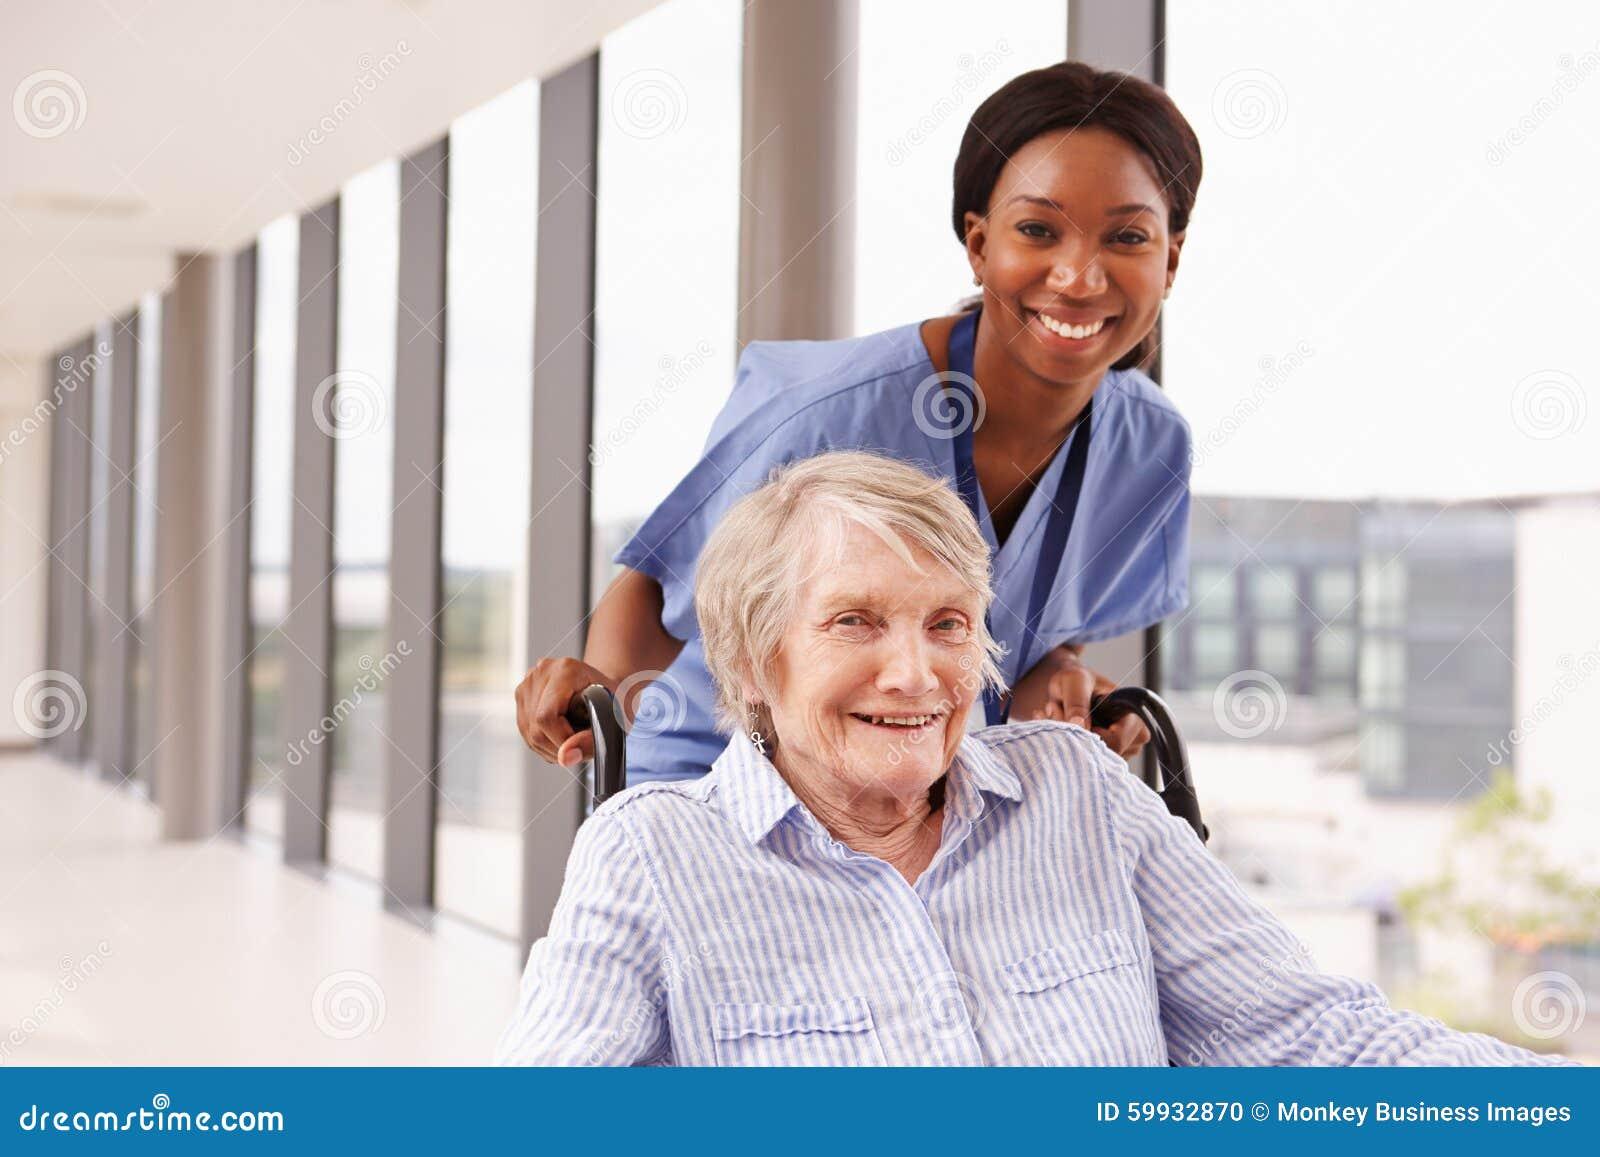 Sjuksköterska Pushing Senior Patient i rullstol längs korridoren